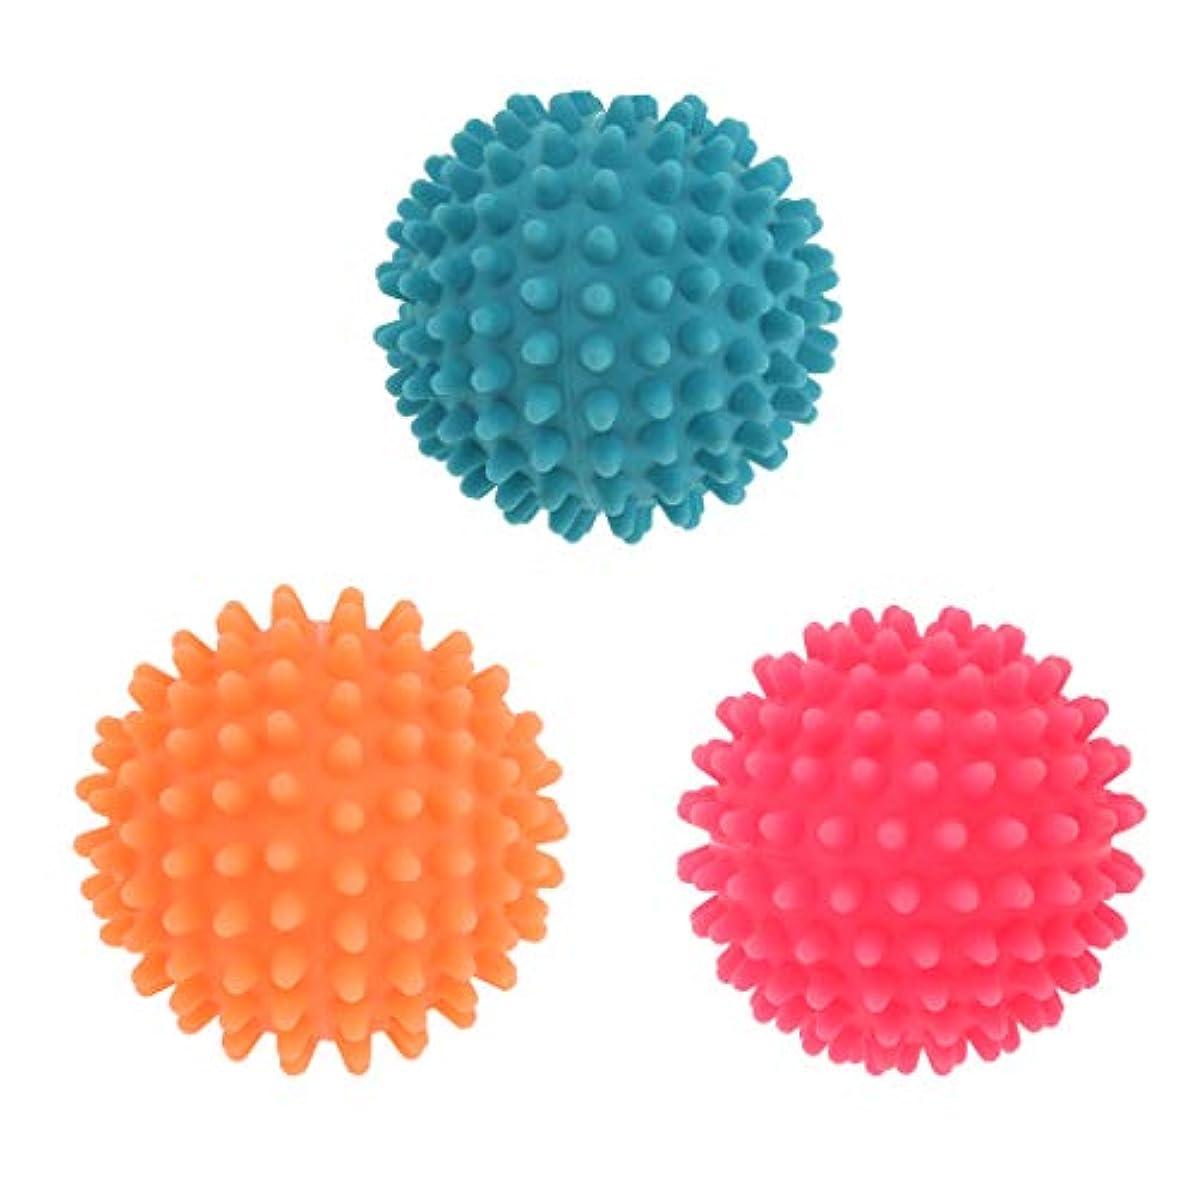 病気だと思う似ているシソーラスFLAMEER 3個 マッサージボール ヨガボール 触覚ボール ツボ押しグッズ 直径7cm